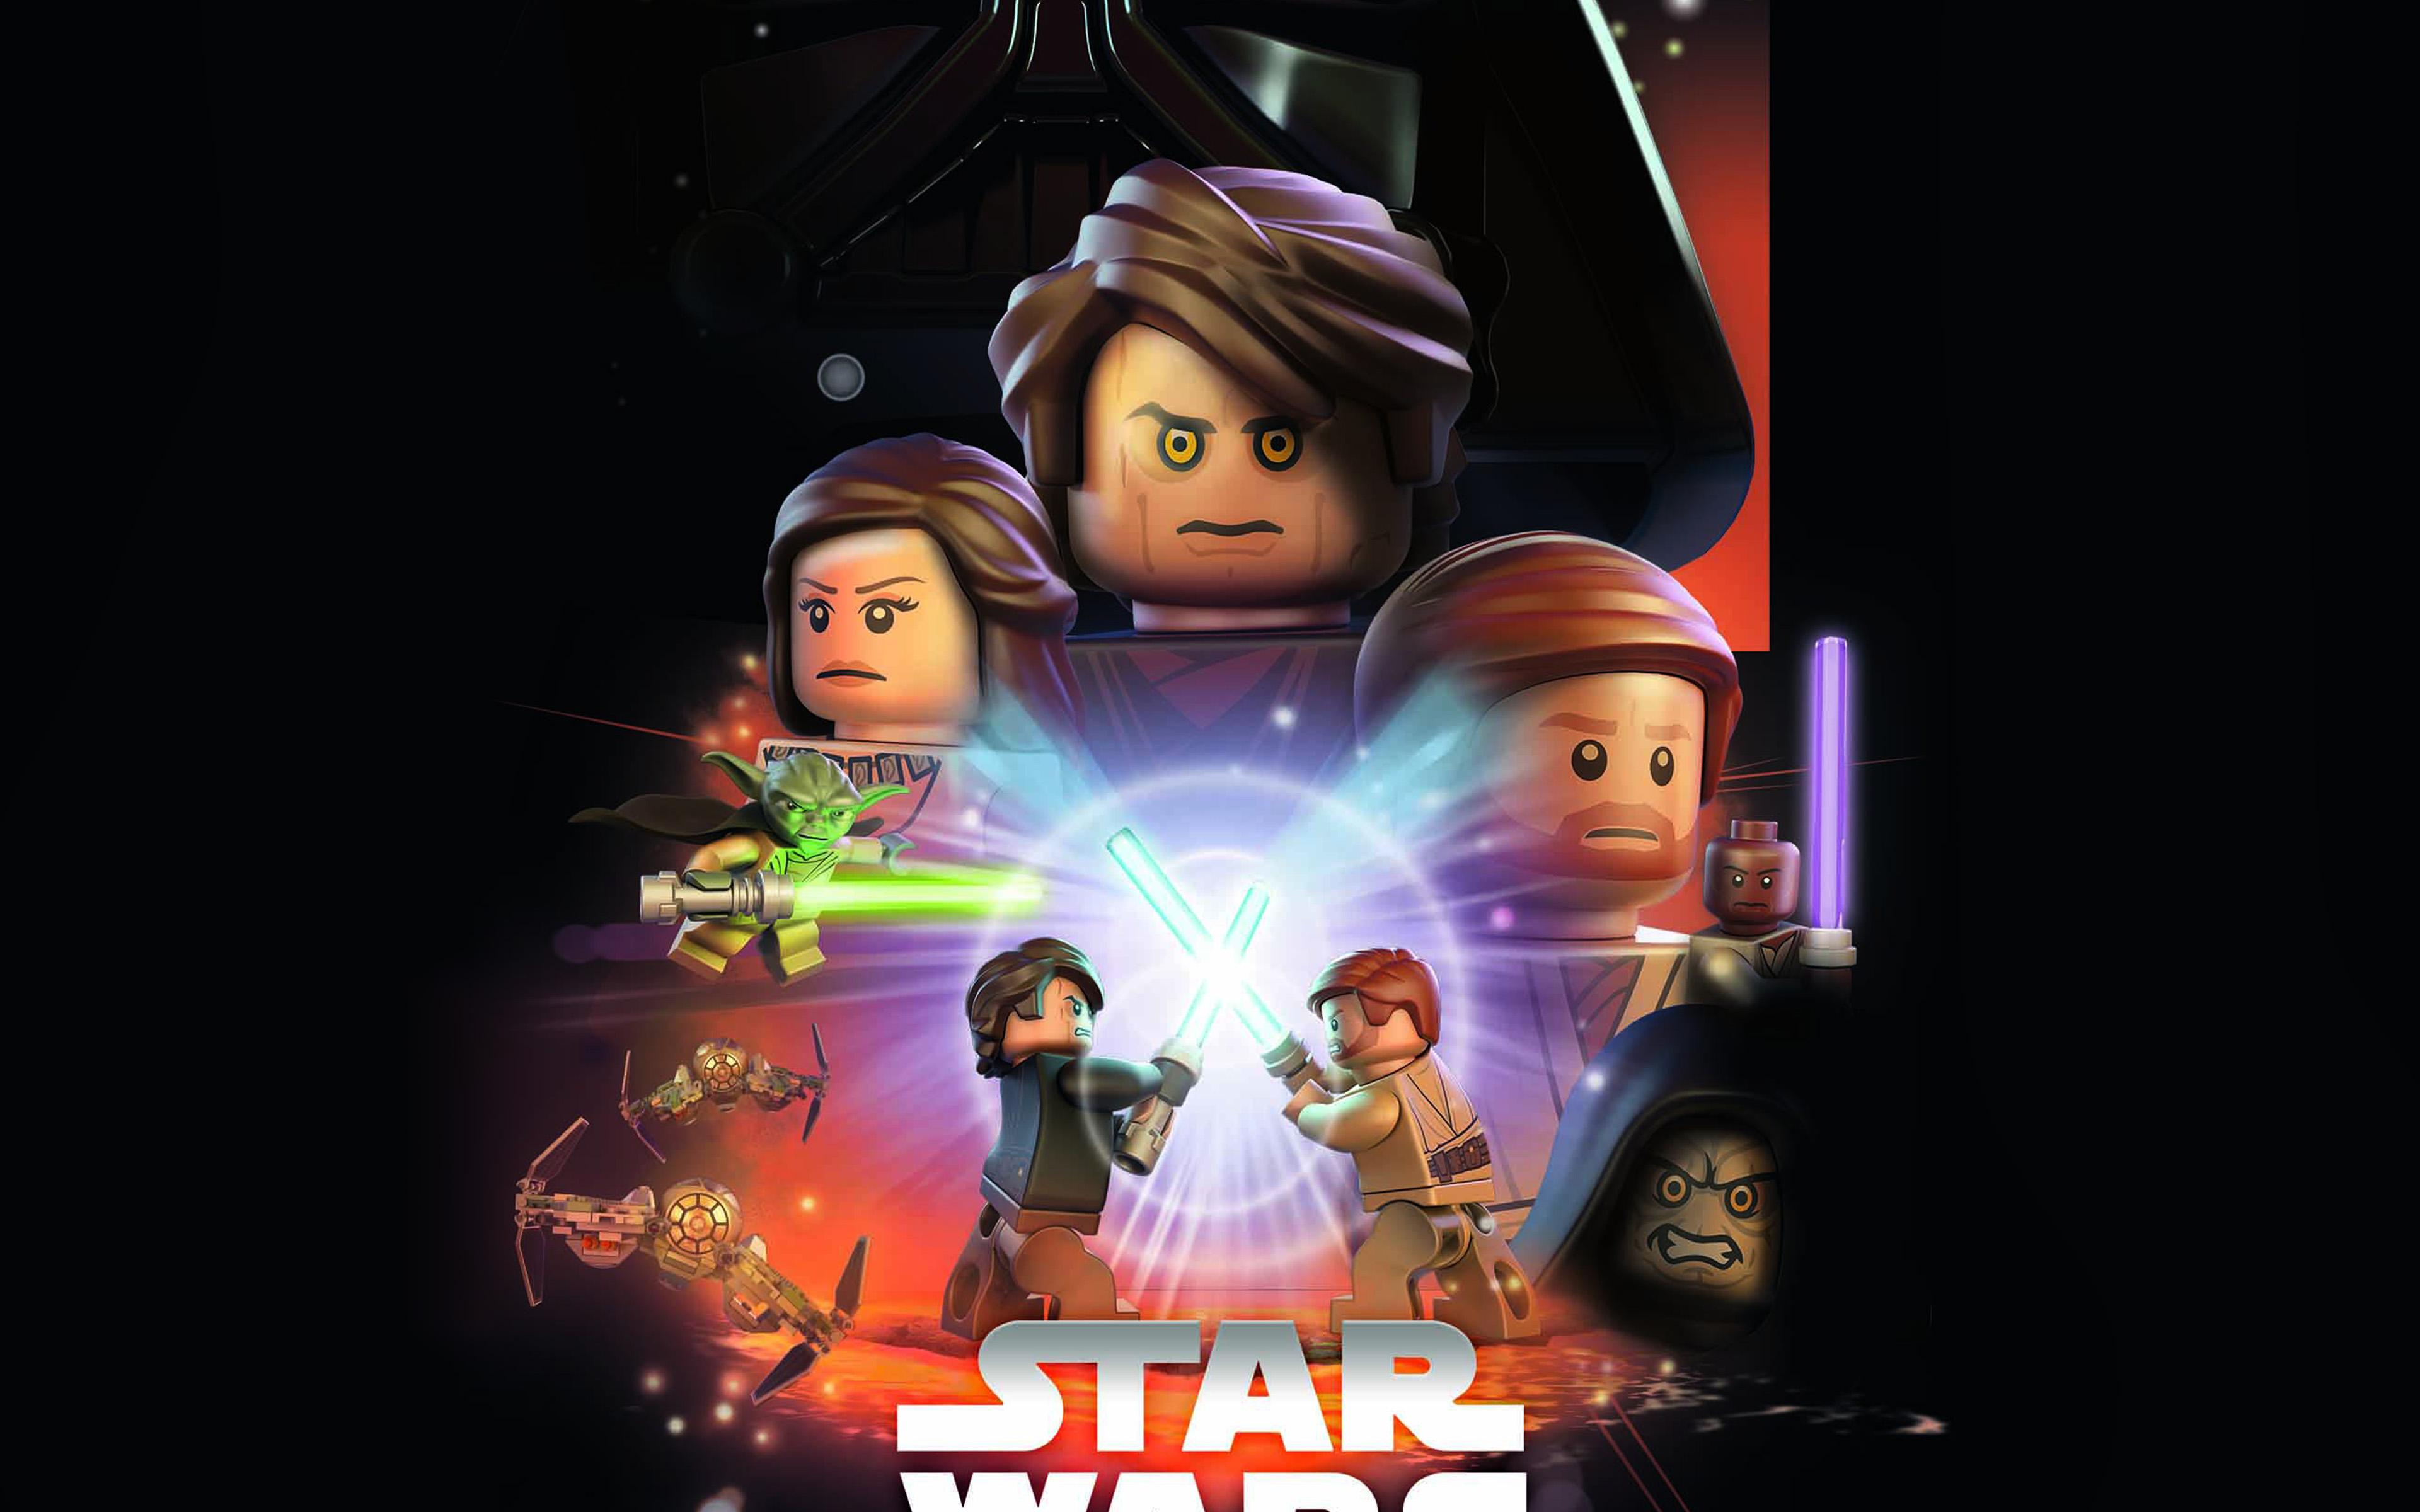 Ap22 Starwars Lego Episode 3 Revenge Of The Sith Art Film Wallpaper